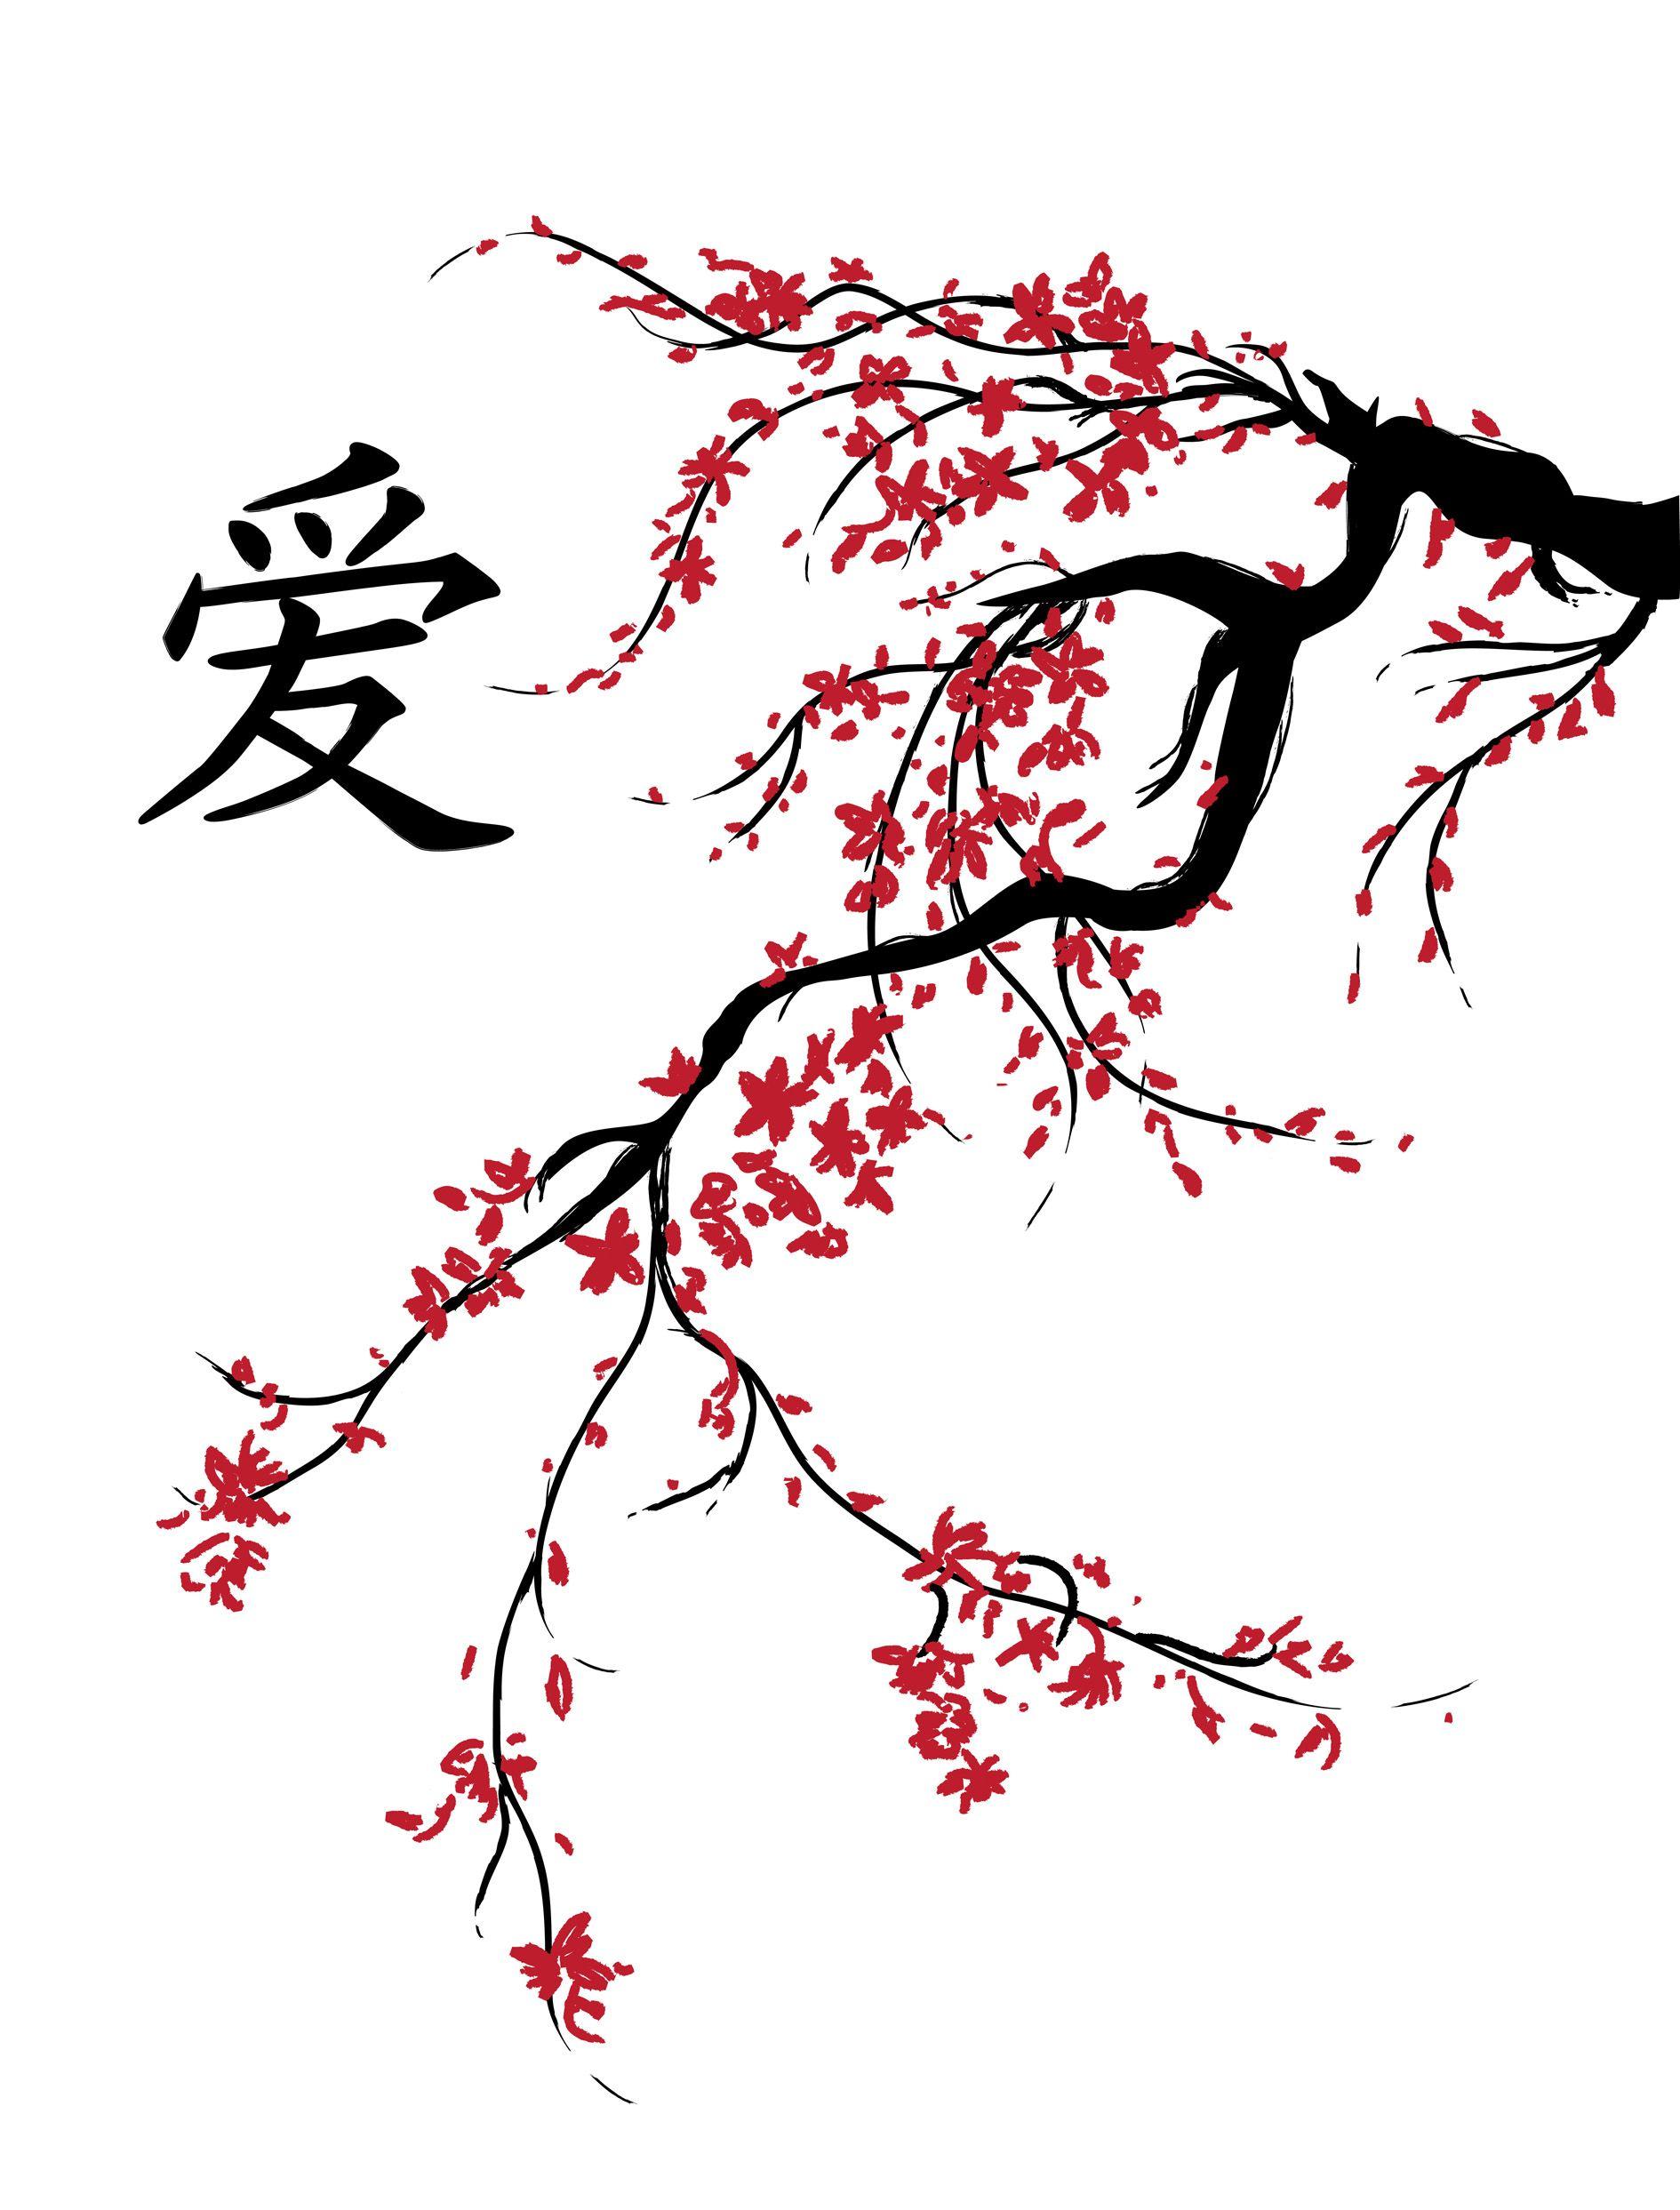 Yelloweevee Cherry Blossom Art Blossom Tree Tattoo Cherry Blossom Tree Tattoo